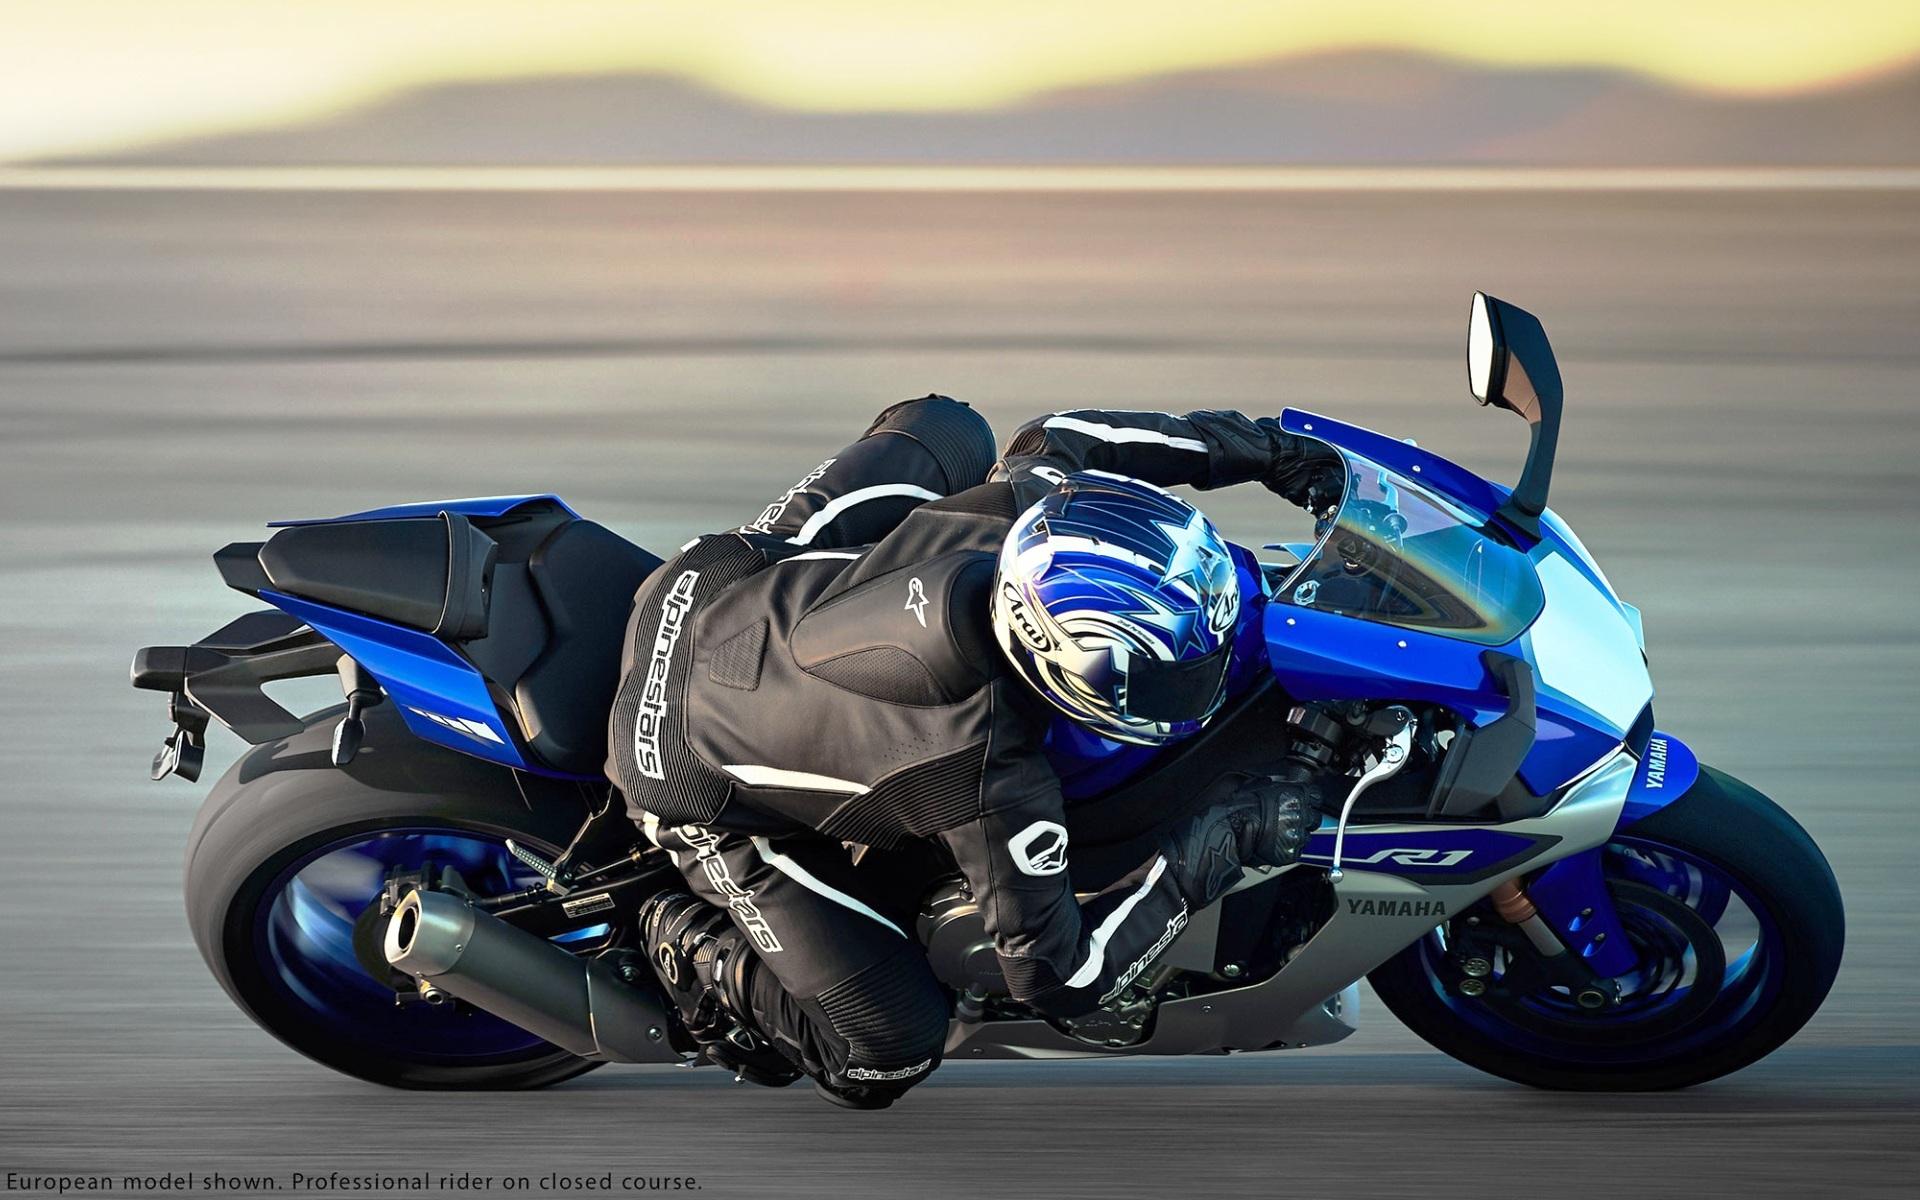 2015 Yamaha YZF R1 Images 91 1920x1200